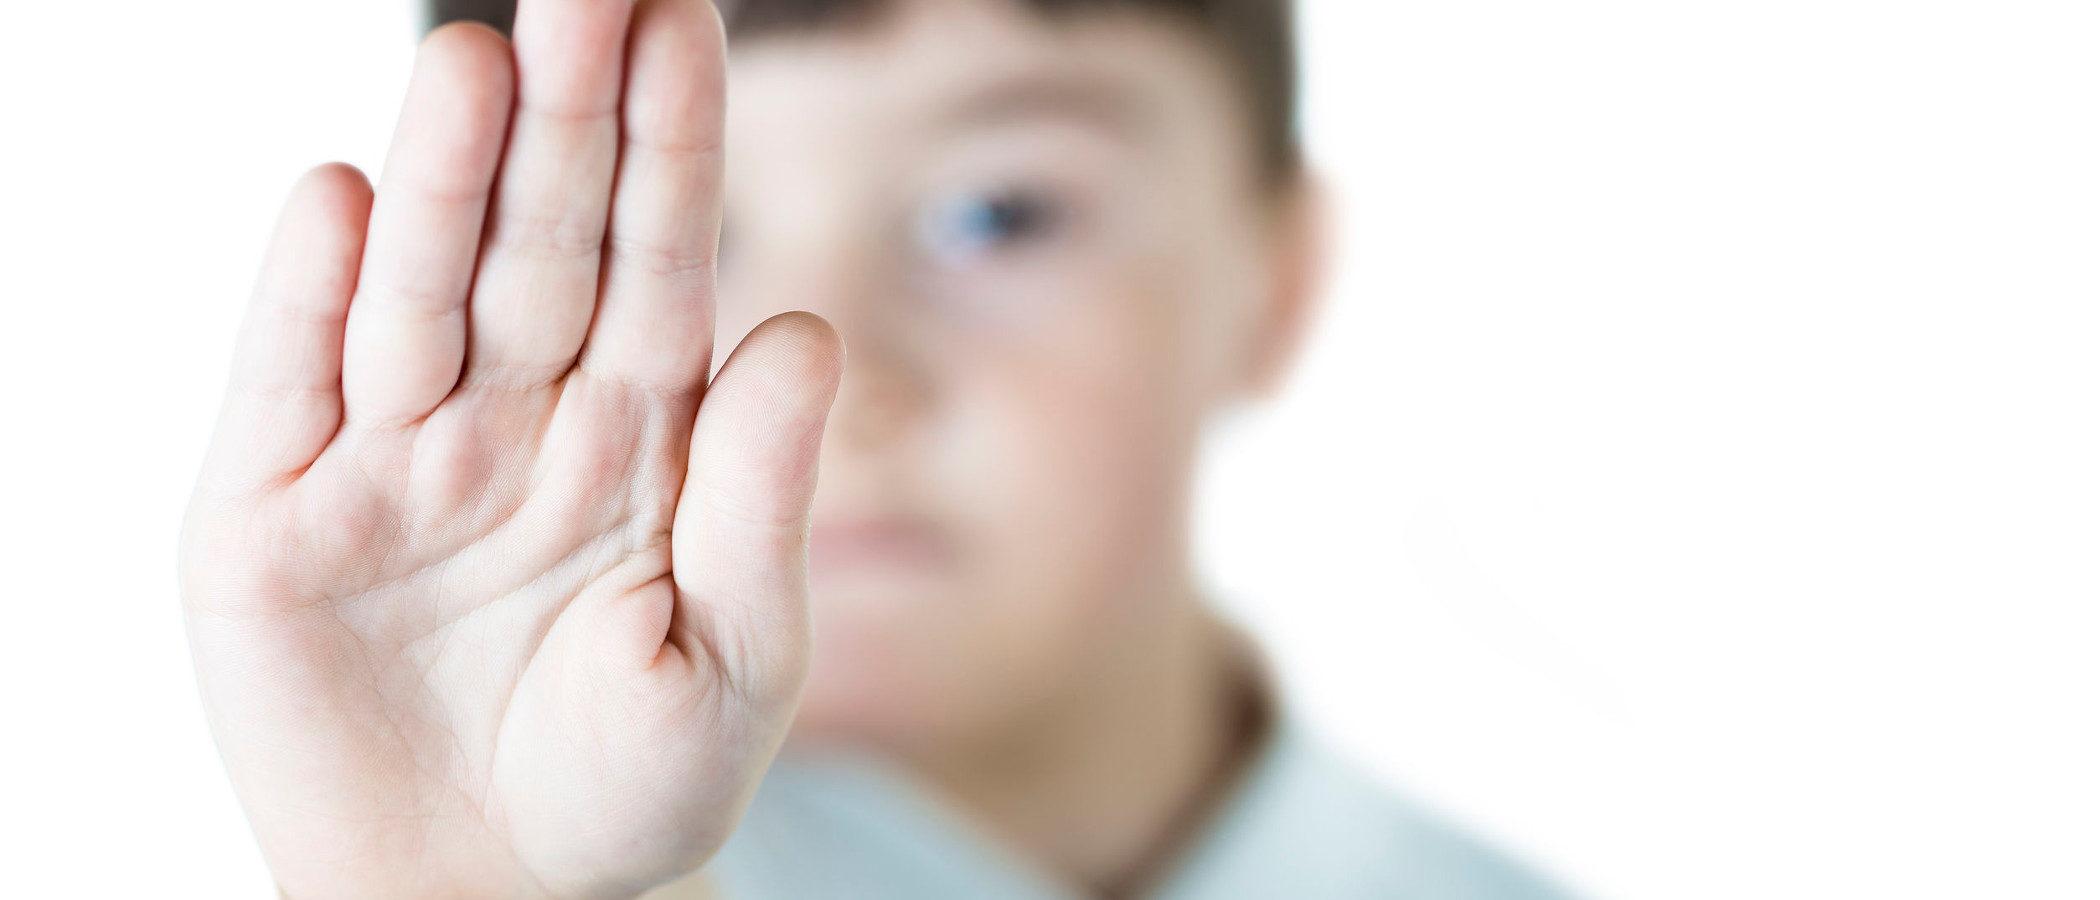 Cómo prevenir el abuso sexual en niños de 2 a 4 años